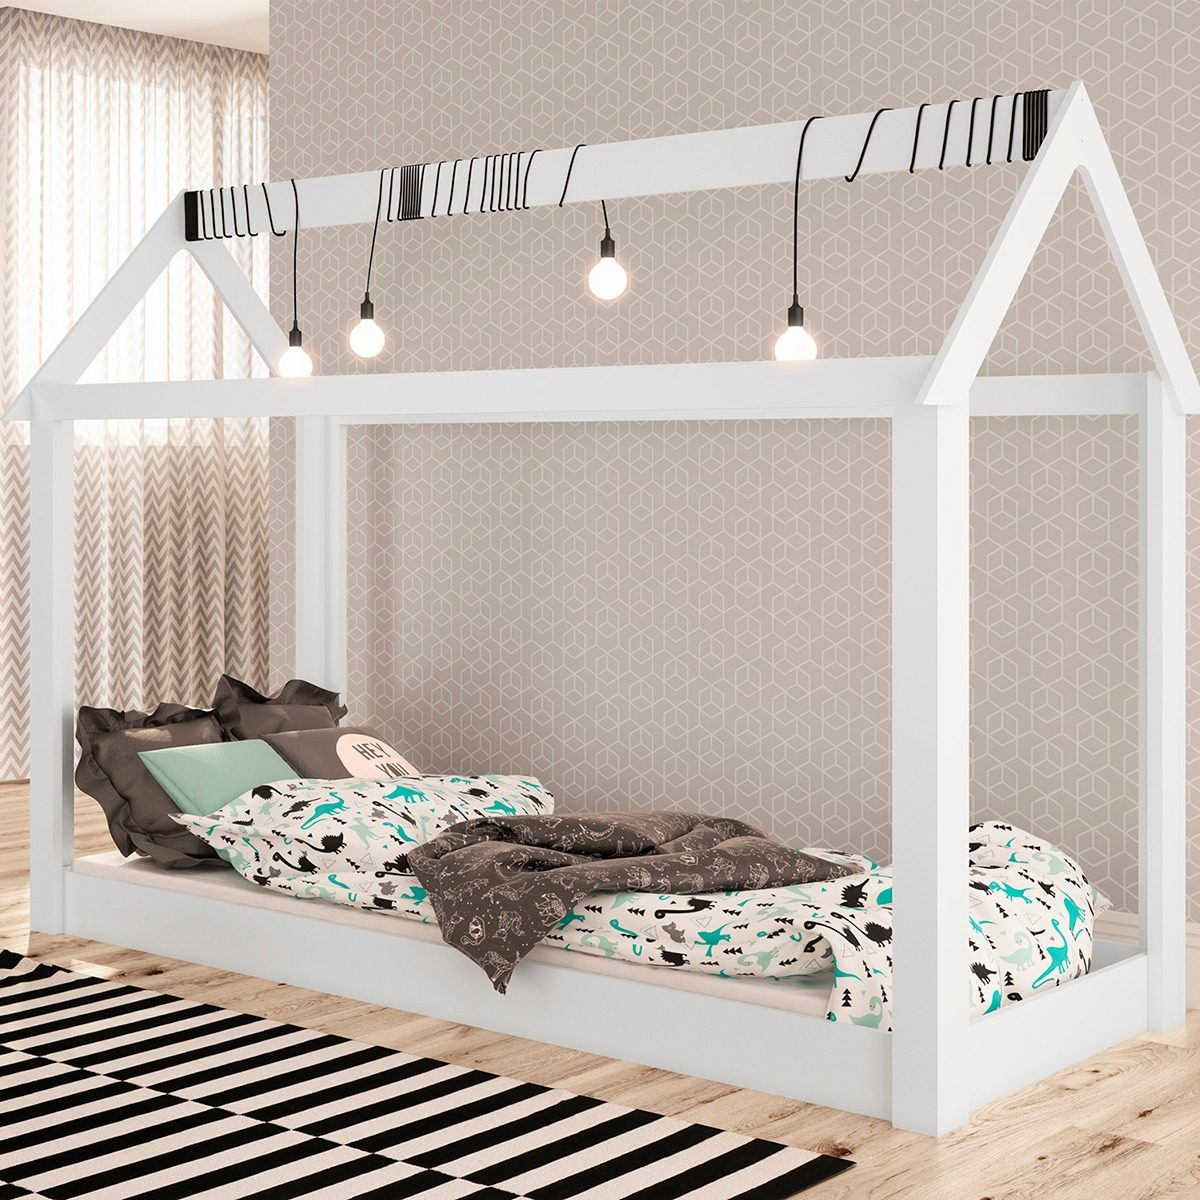 Cama infantil casinha p quarto montessoriana branco r for Fabrica de camas infantiles